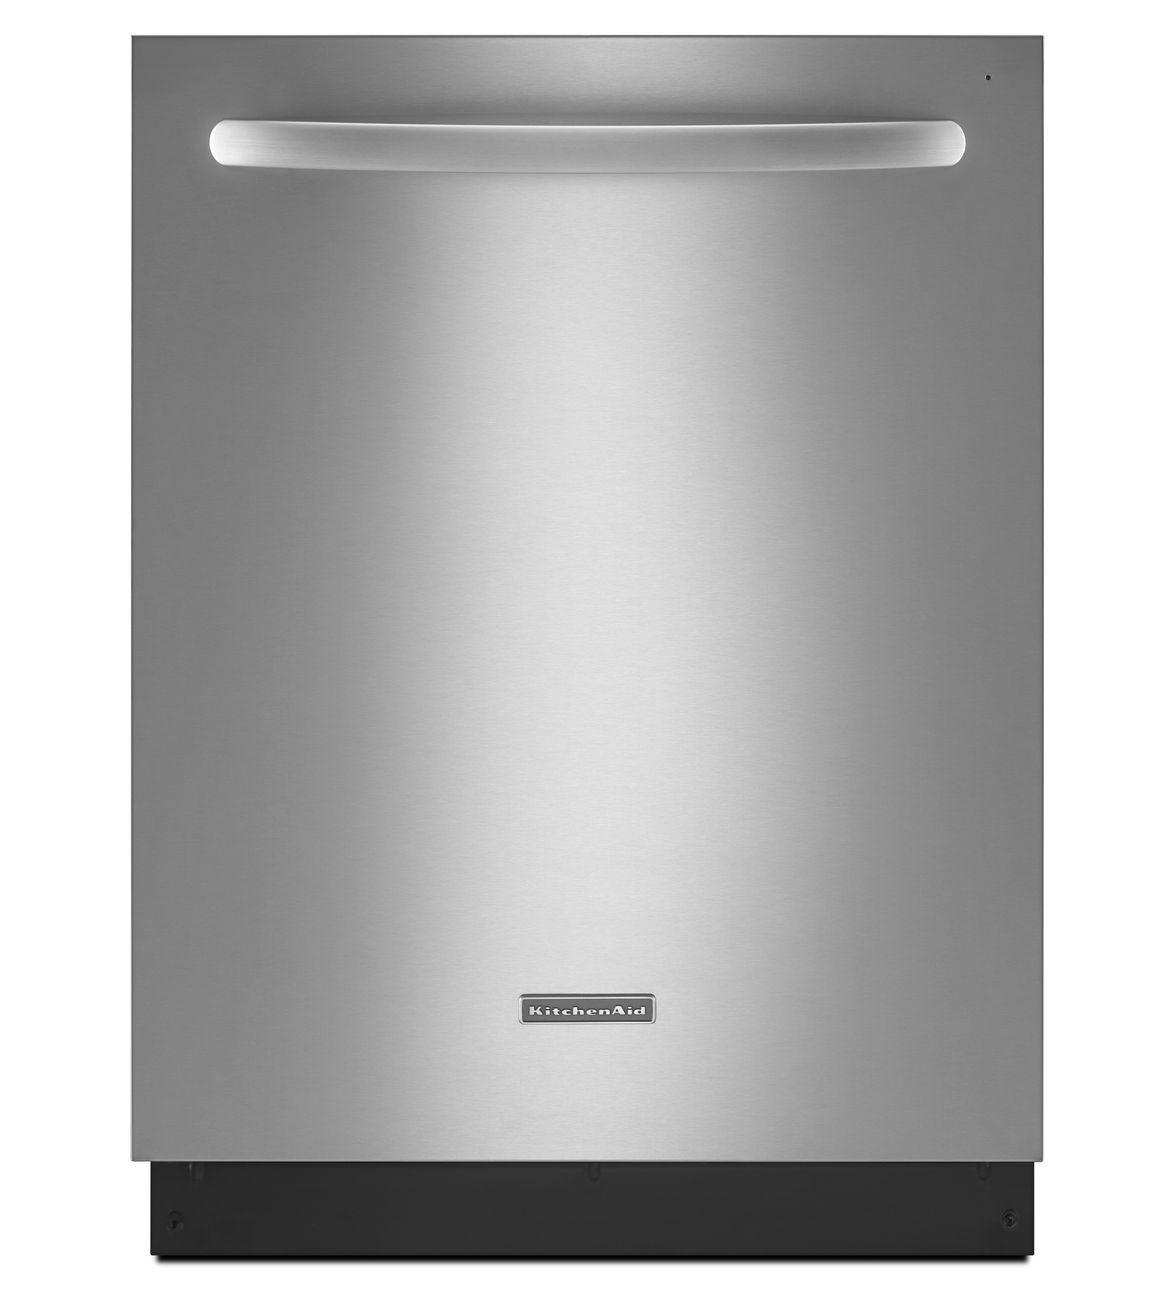 Lave-vaisselle Architect® Série II KitchenAid® 24 po, 6 Programmes/5 Options